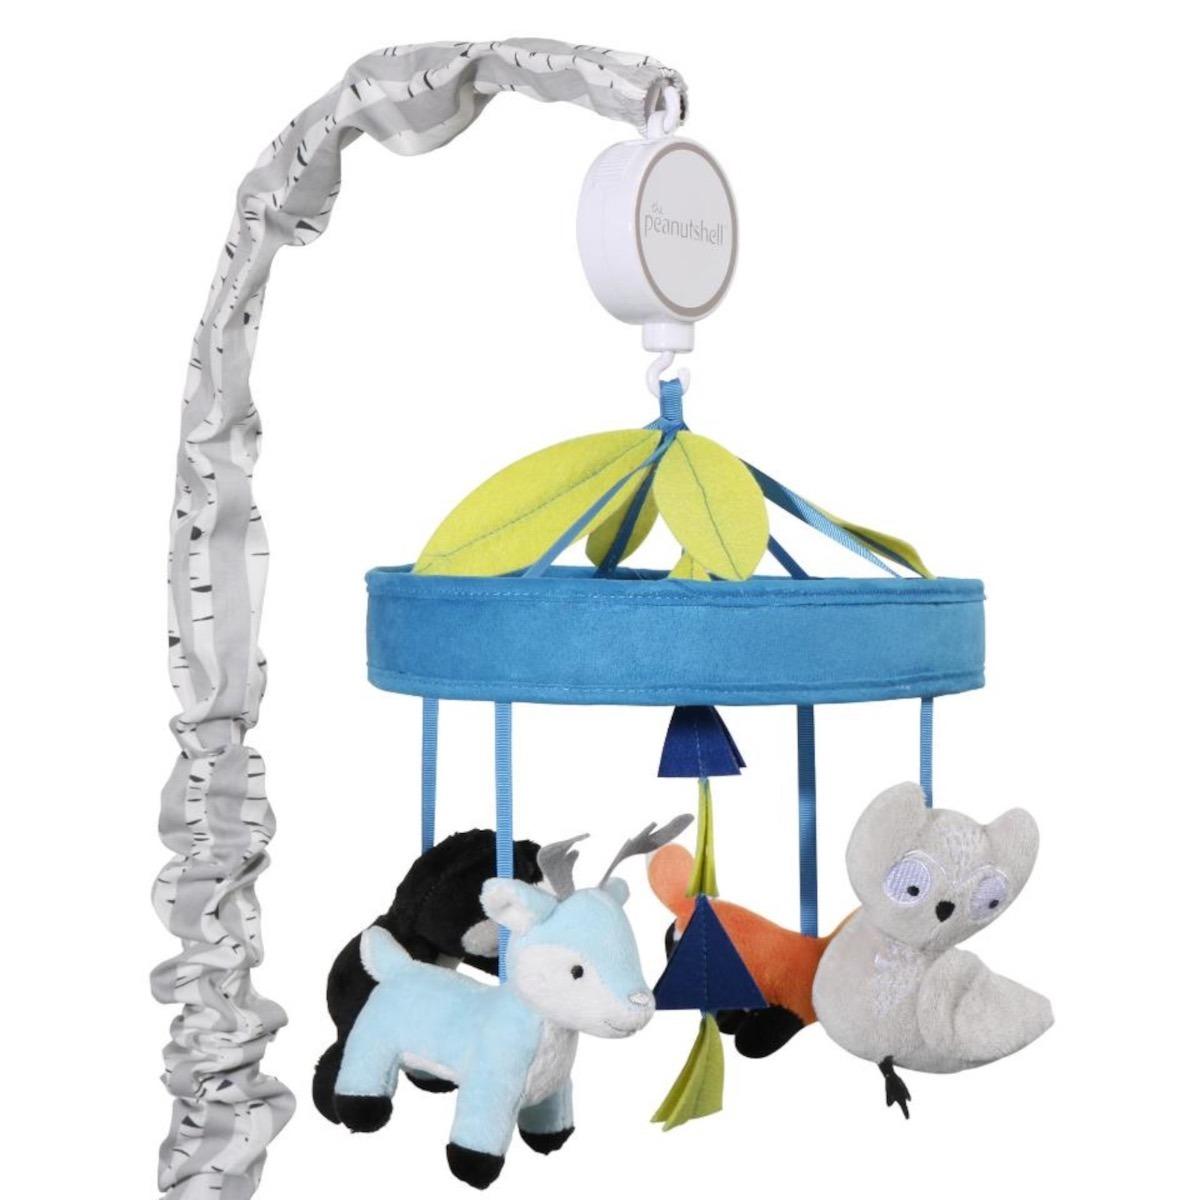 1801d14c2 Mobile Musical Para Bebe The Peanutshell meloni Tutito -   20.000 en ...